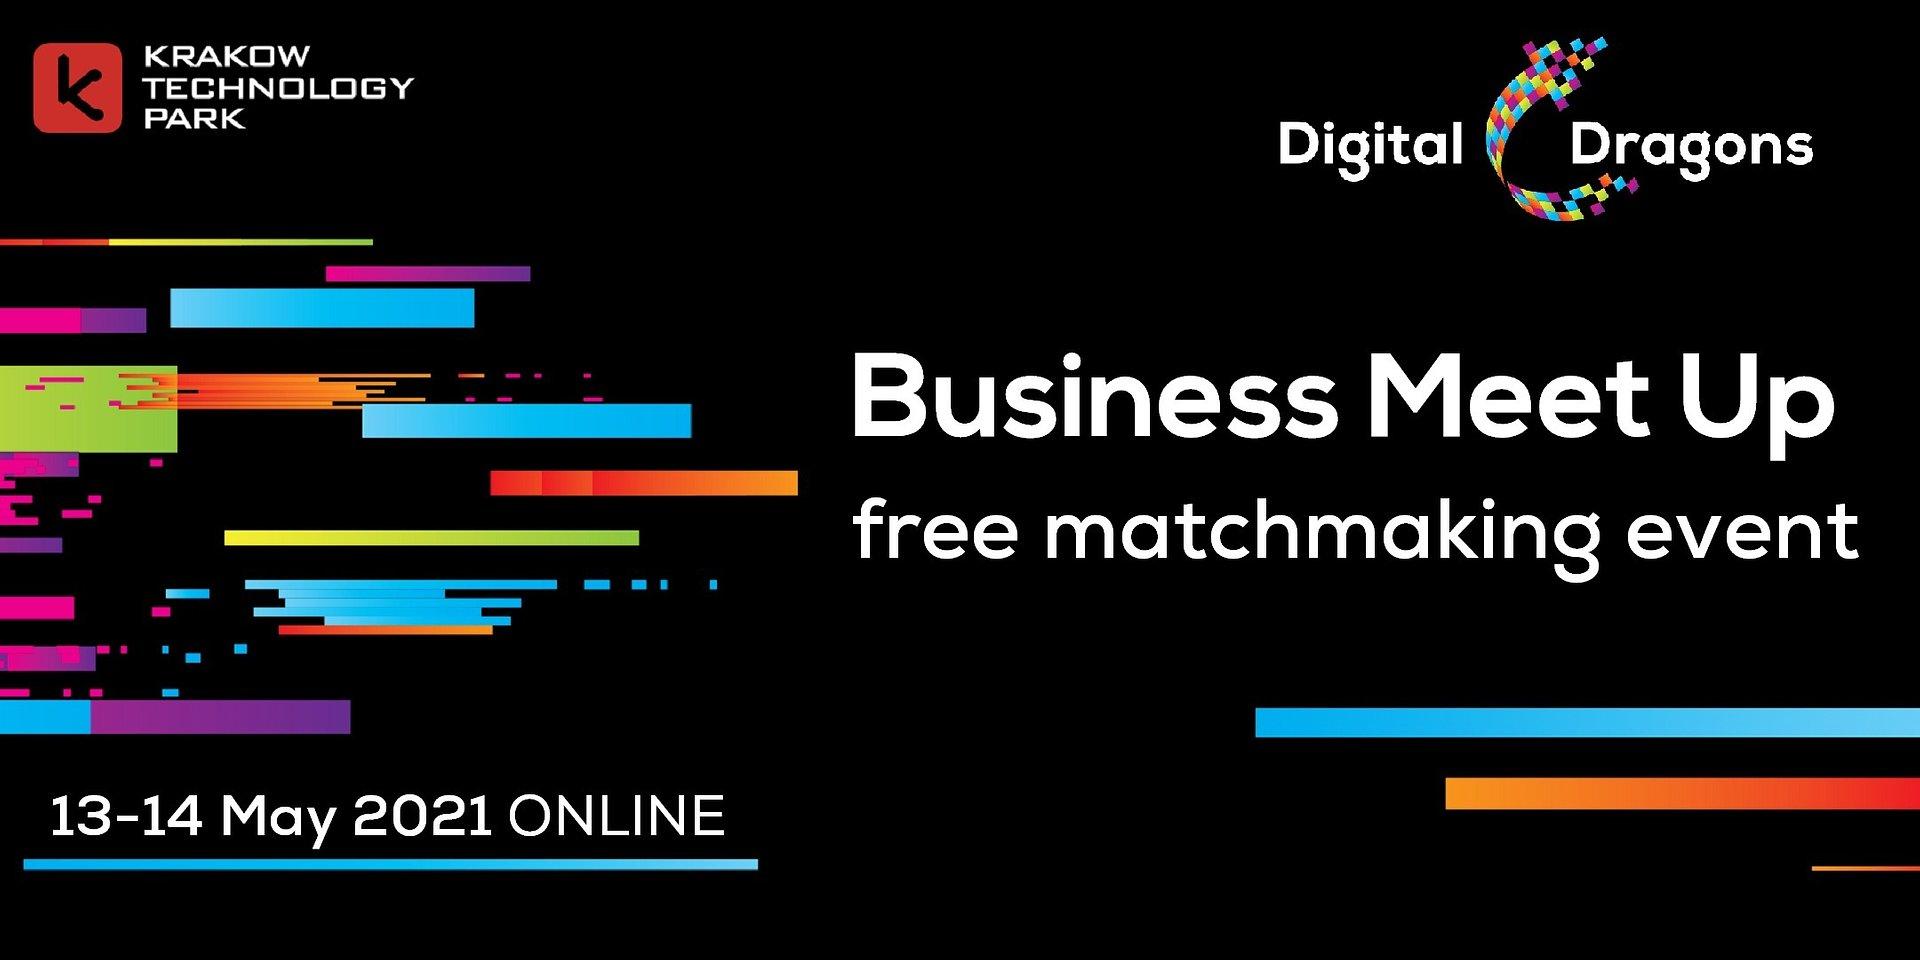 A Digital Dragons Business Meet up esemény májusban lesz. Regisztrálni lehet!